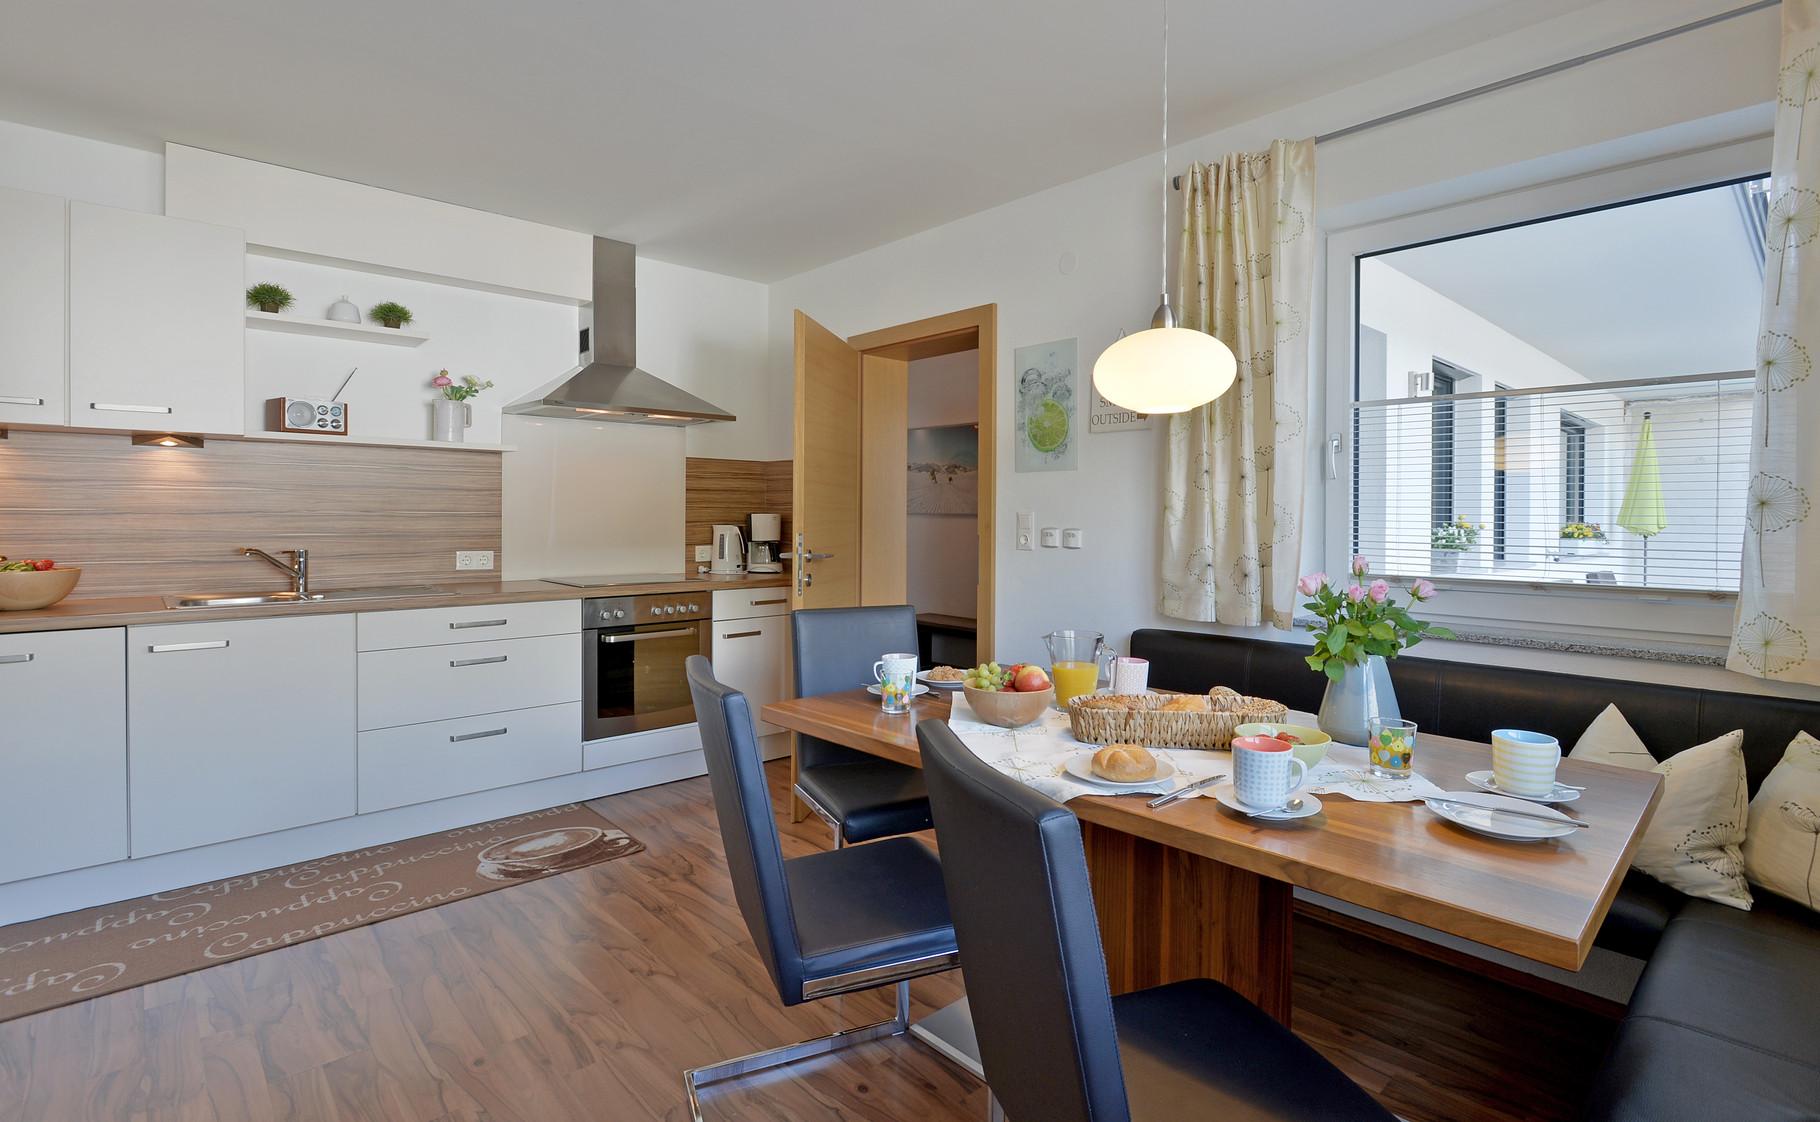 Wohnbereich - Küchenzeite mit Geschirrspülmaschine - Fewo Horberg - Apart Rauch